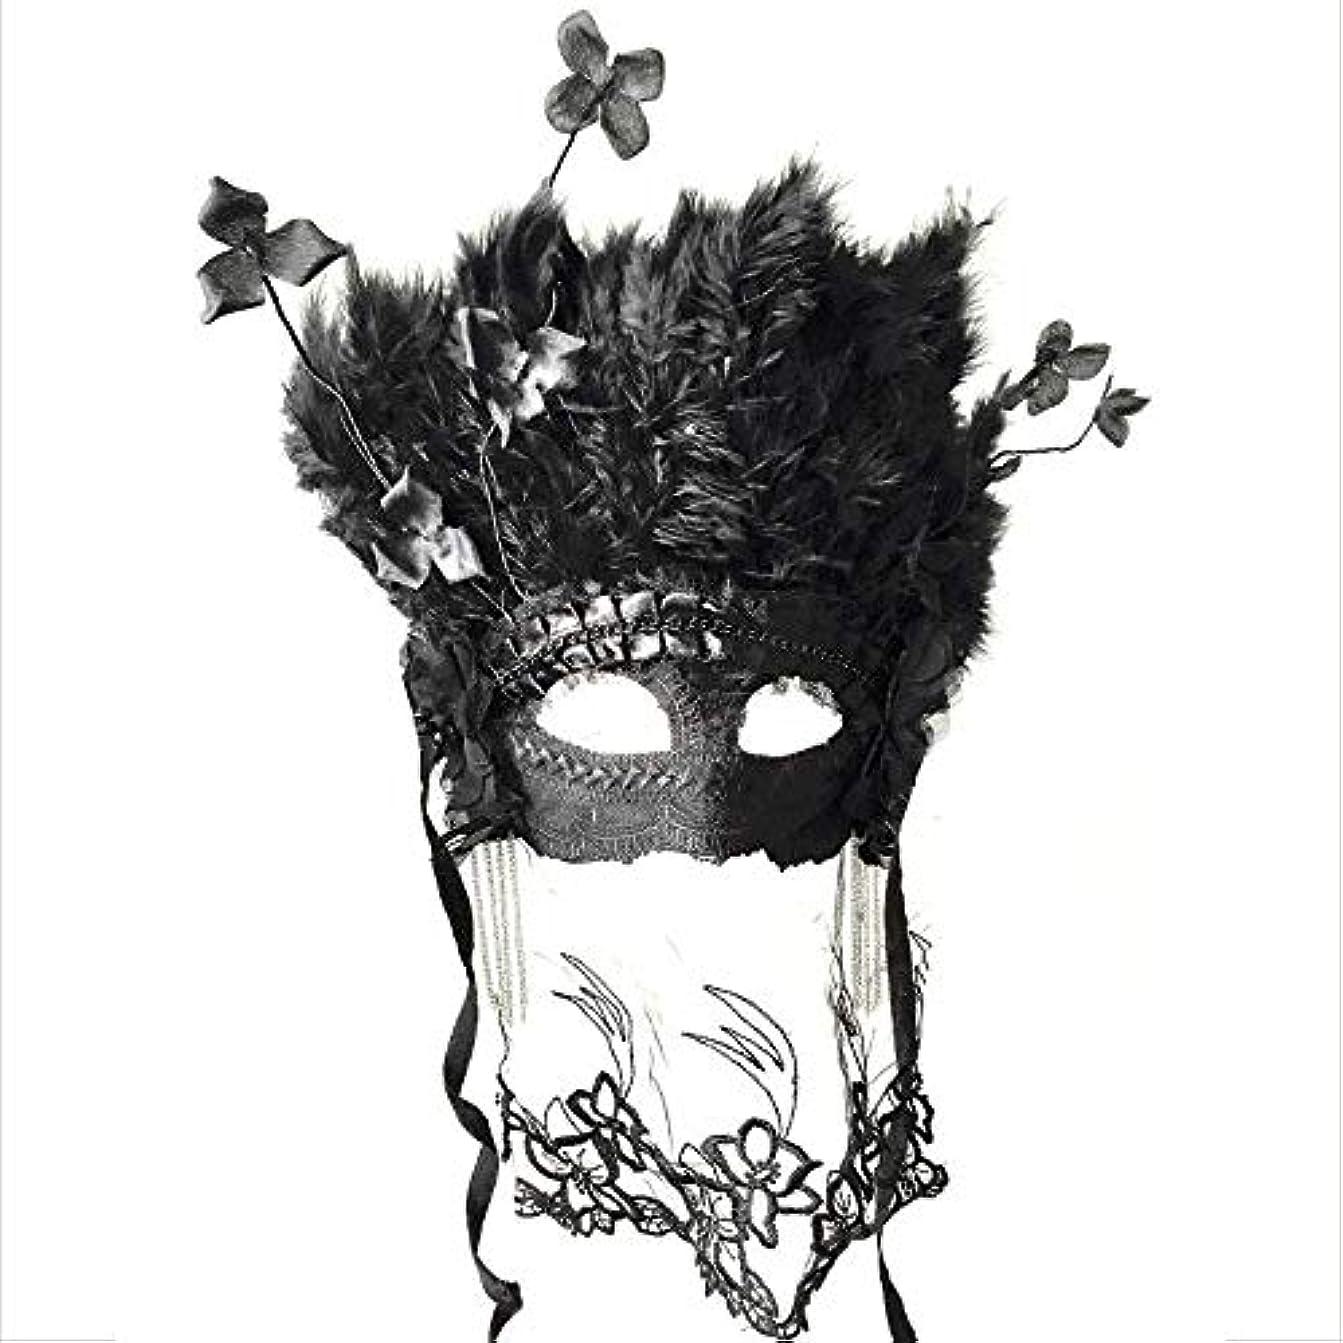 コイントロリーバス定期的Nanle ハロウィンクリスマスベールドライフラワーフェザータッセルマスク仮装マスクレディミスプリンセス美容祭パーティーデコレーションマスク